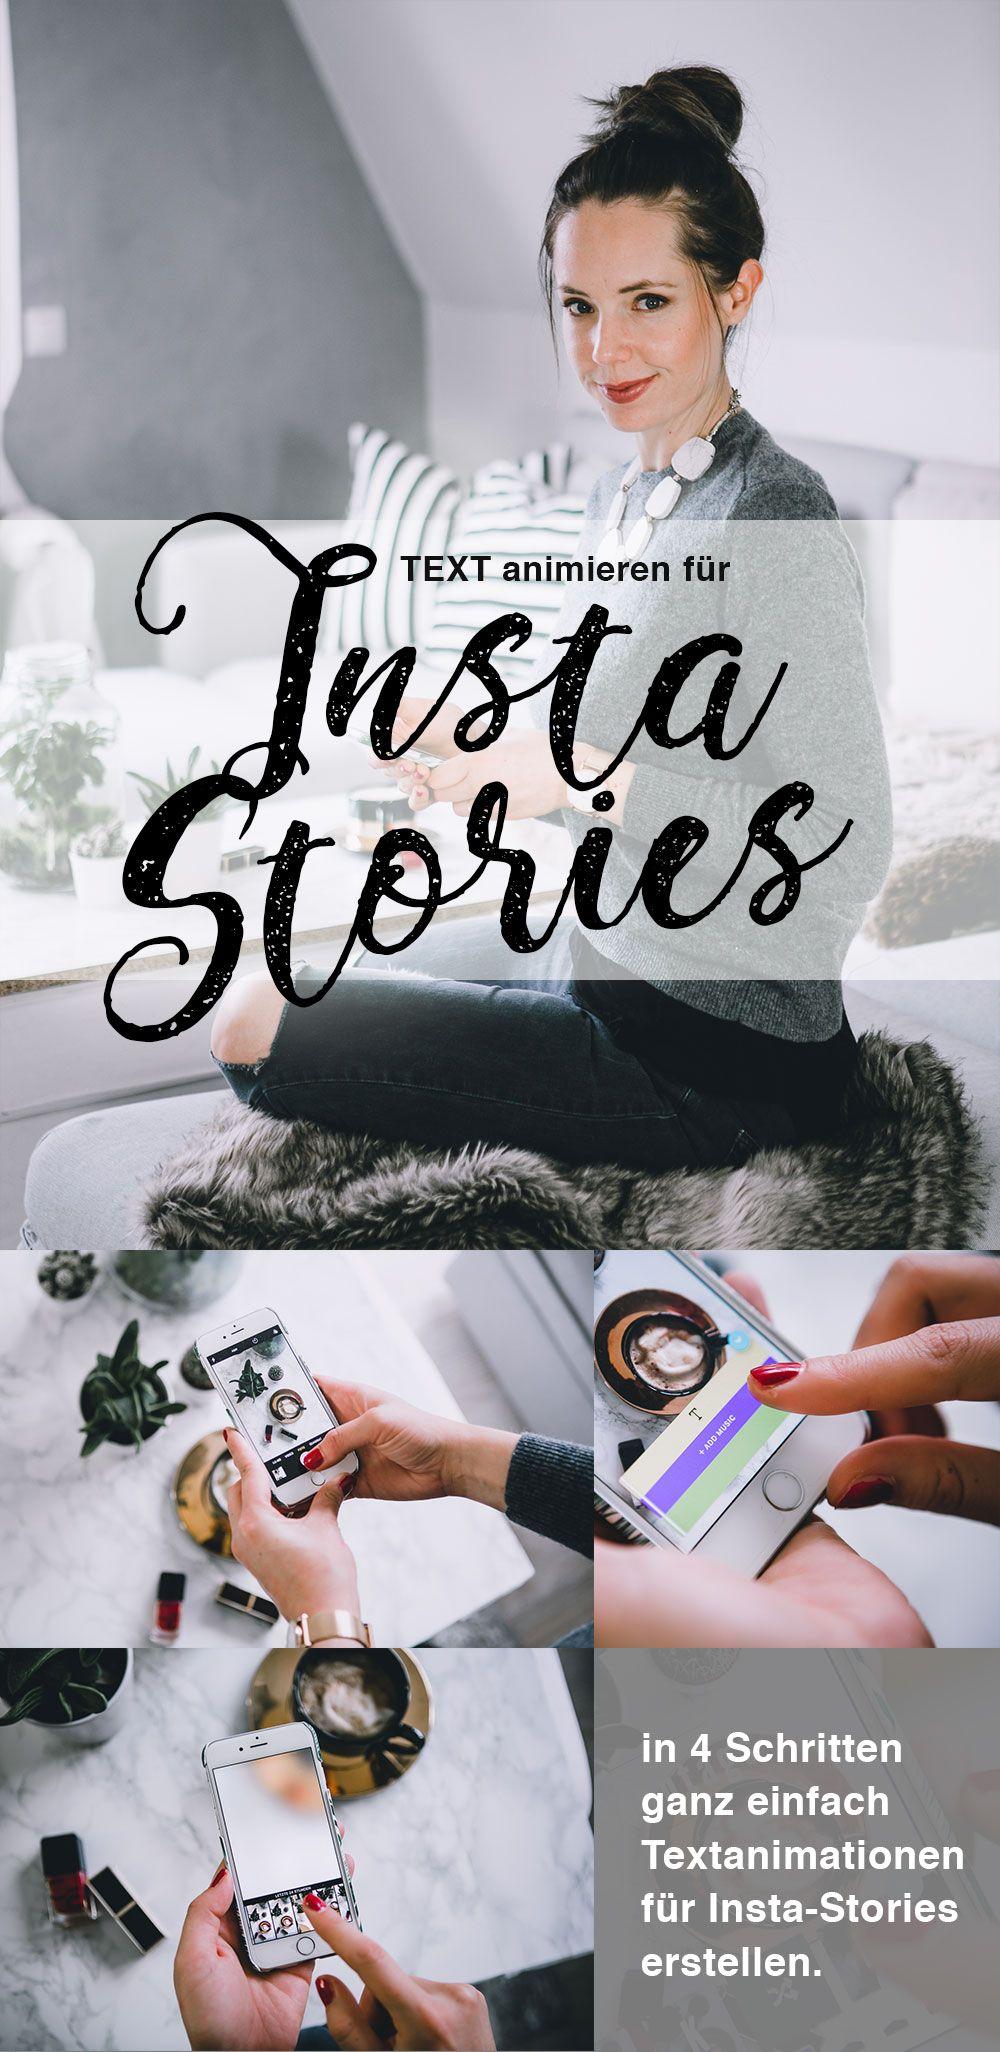 Instagram Stories Texte Animieren Und Mit Musik Hinterlegen Rosegold Marble Instagram Tipps Text Animation Instagram